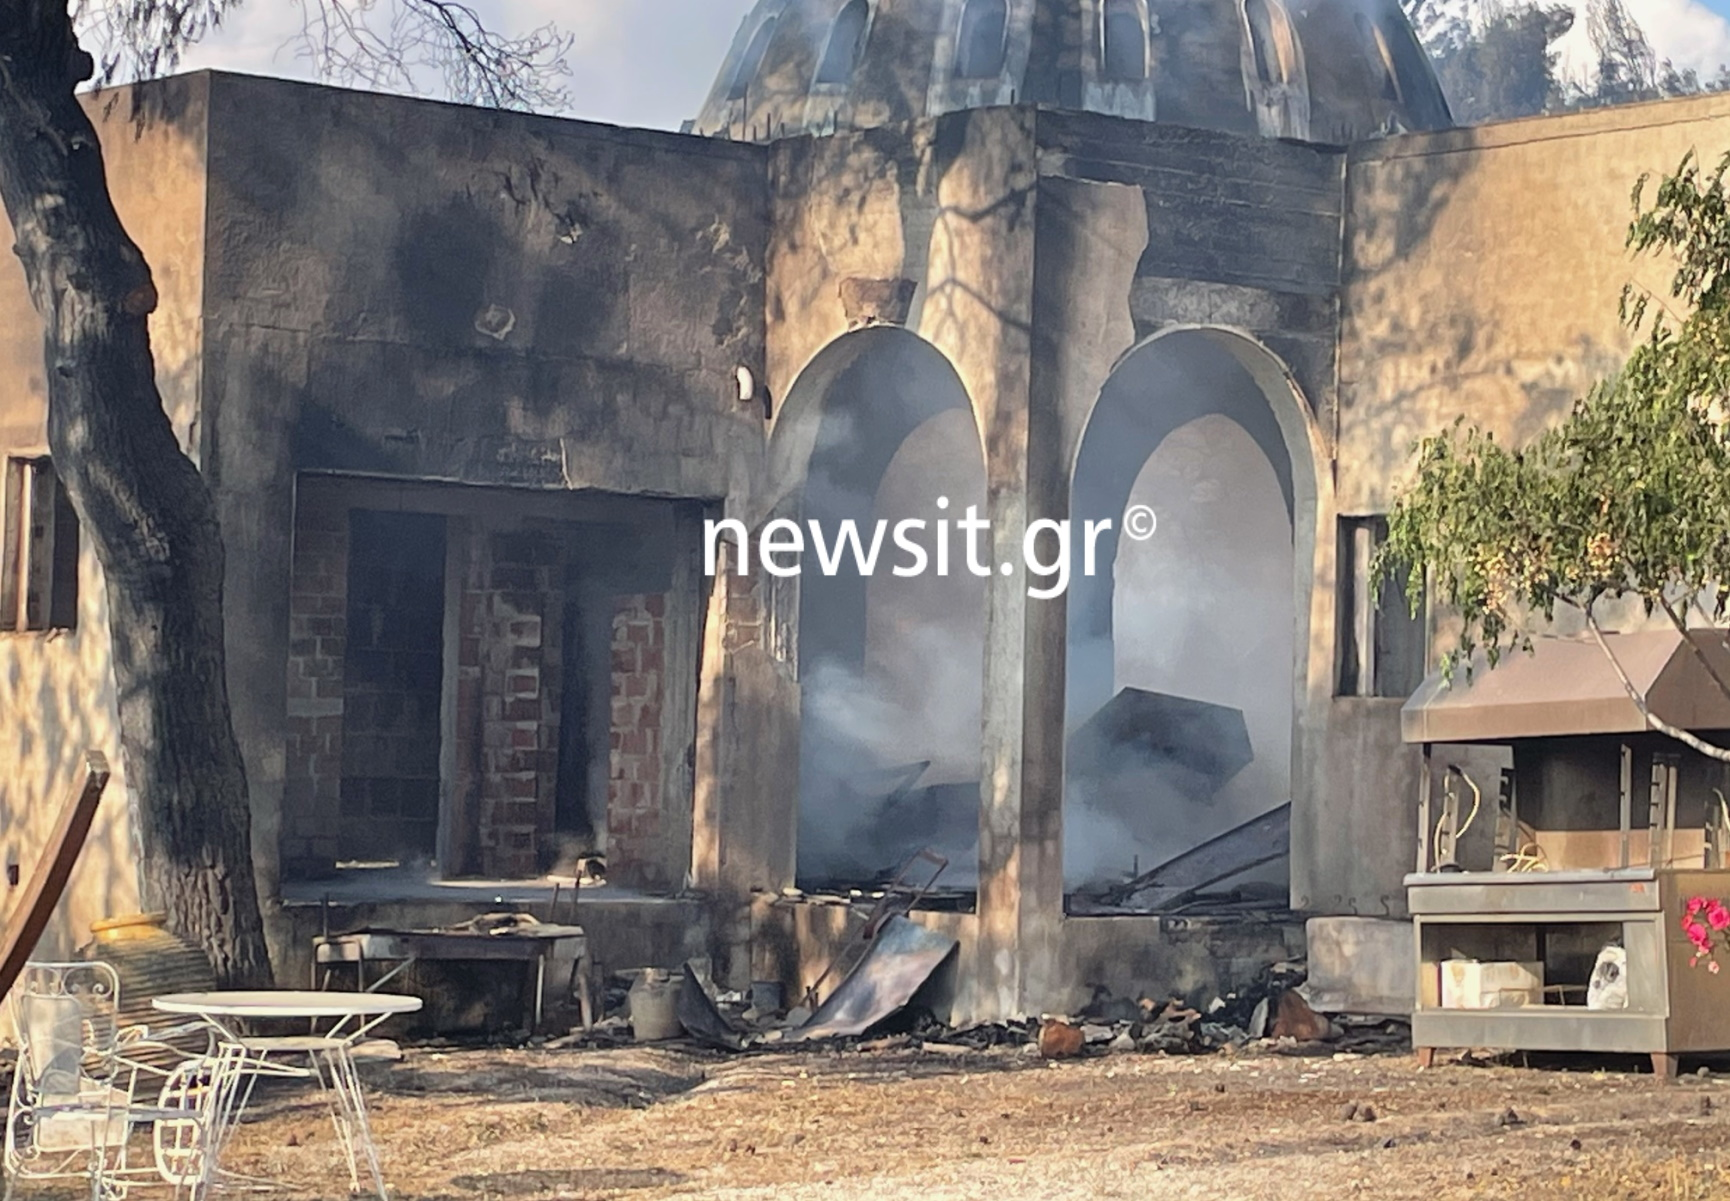 Φωτιά στην Κορινθία: «Κάρβουνο» γνωστό οινοποιείο – Εικόνες καταστροφής (pics, vid)